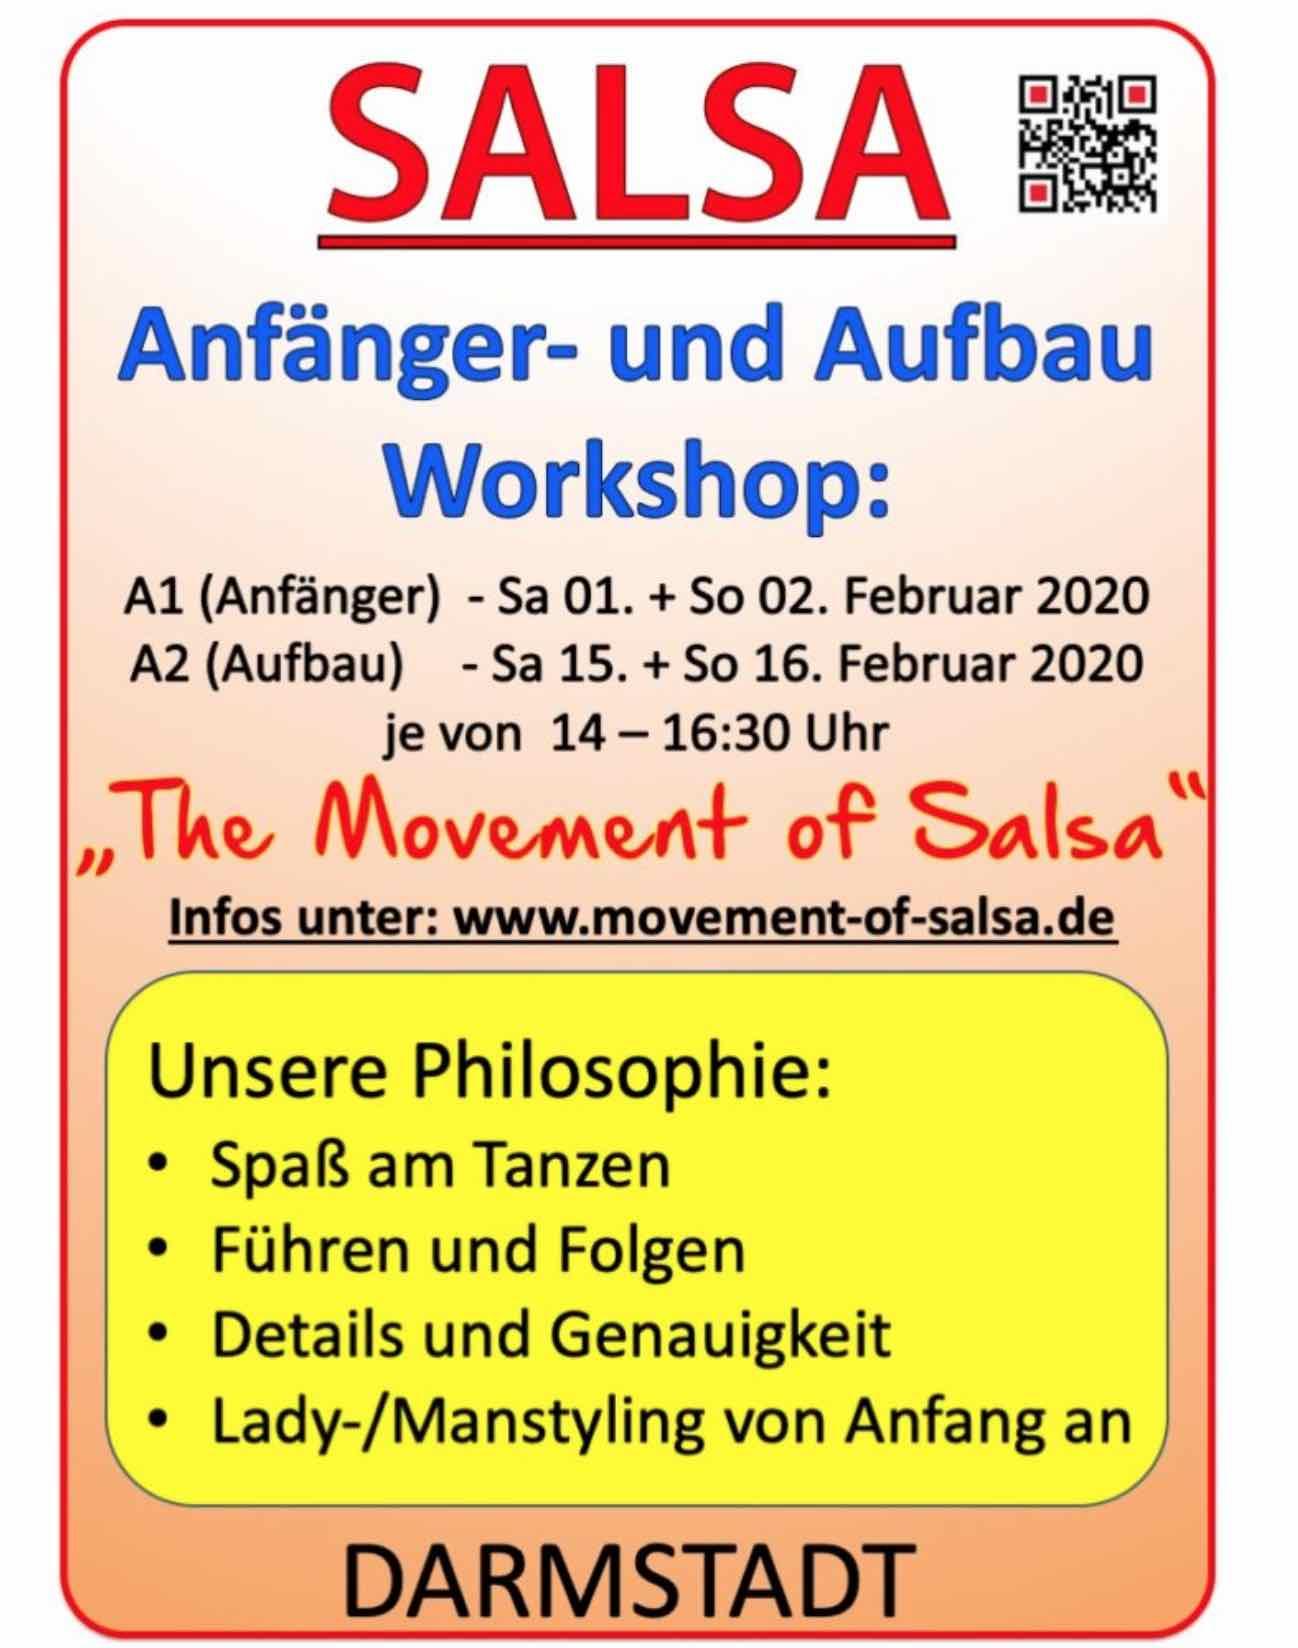 Salsa Anfänger Workshop in Darmstadt